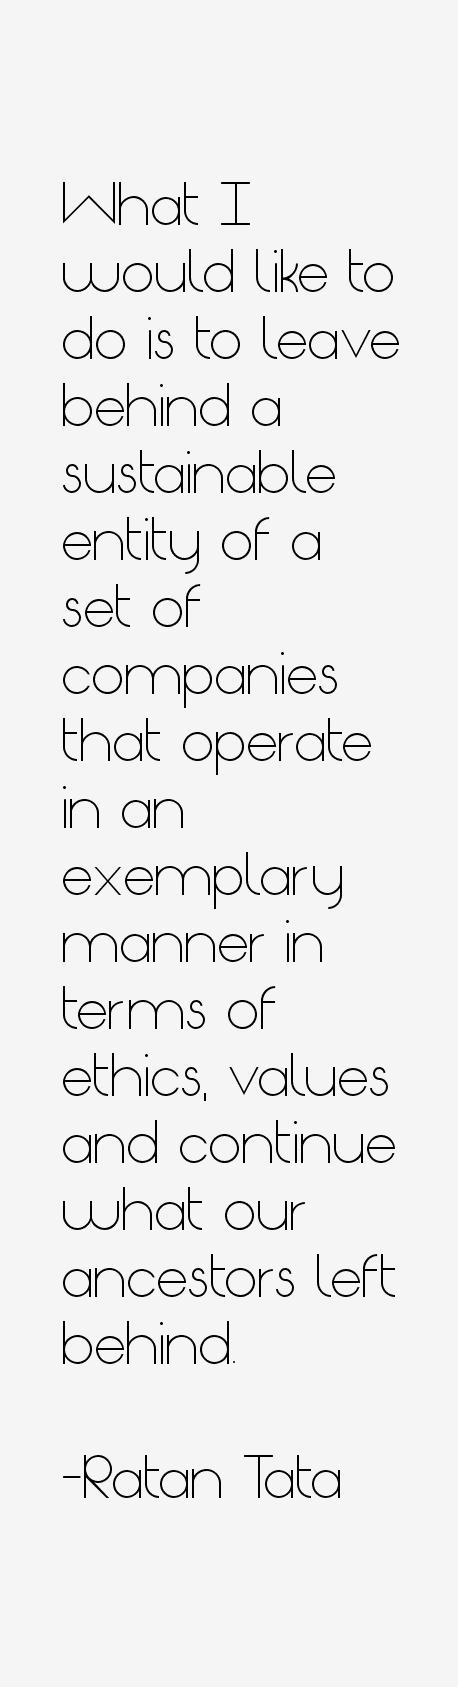 Ratan Tata Quotes